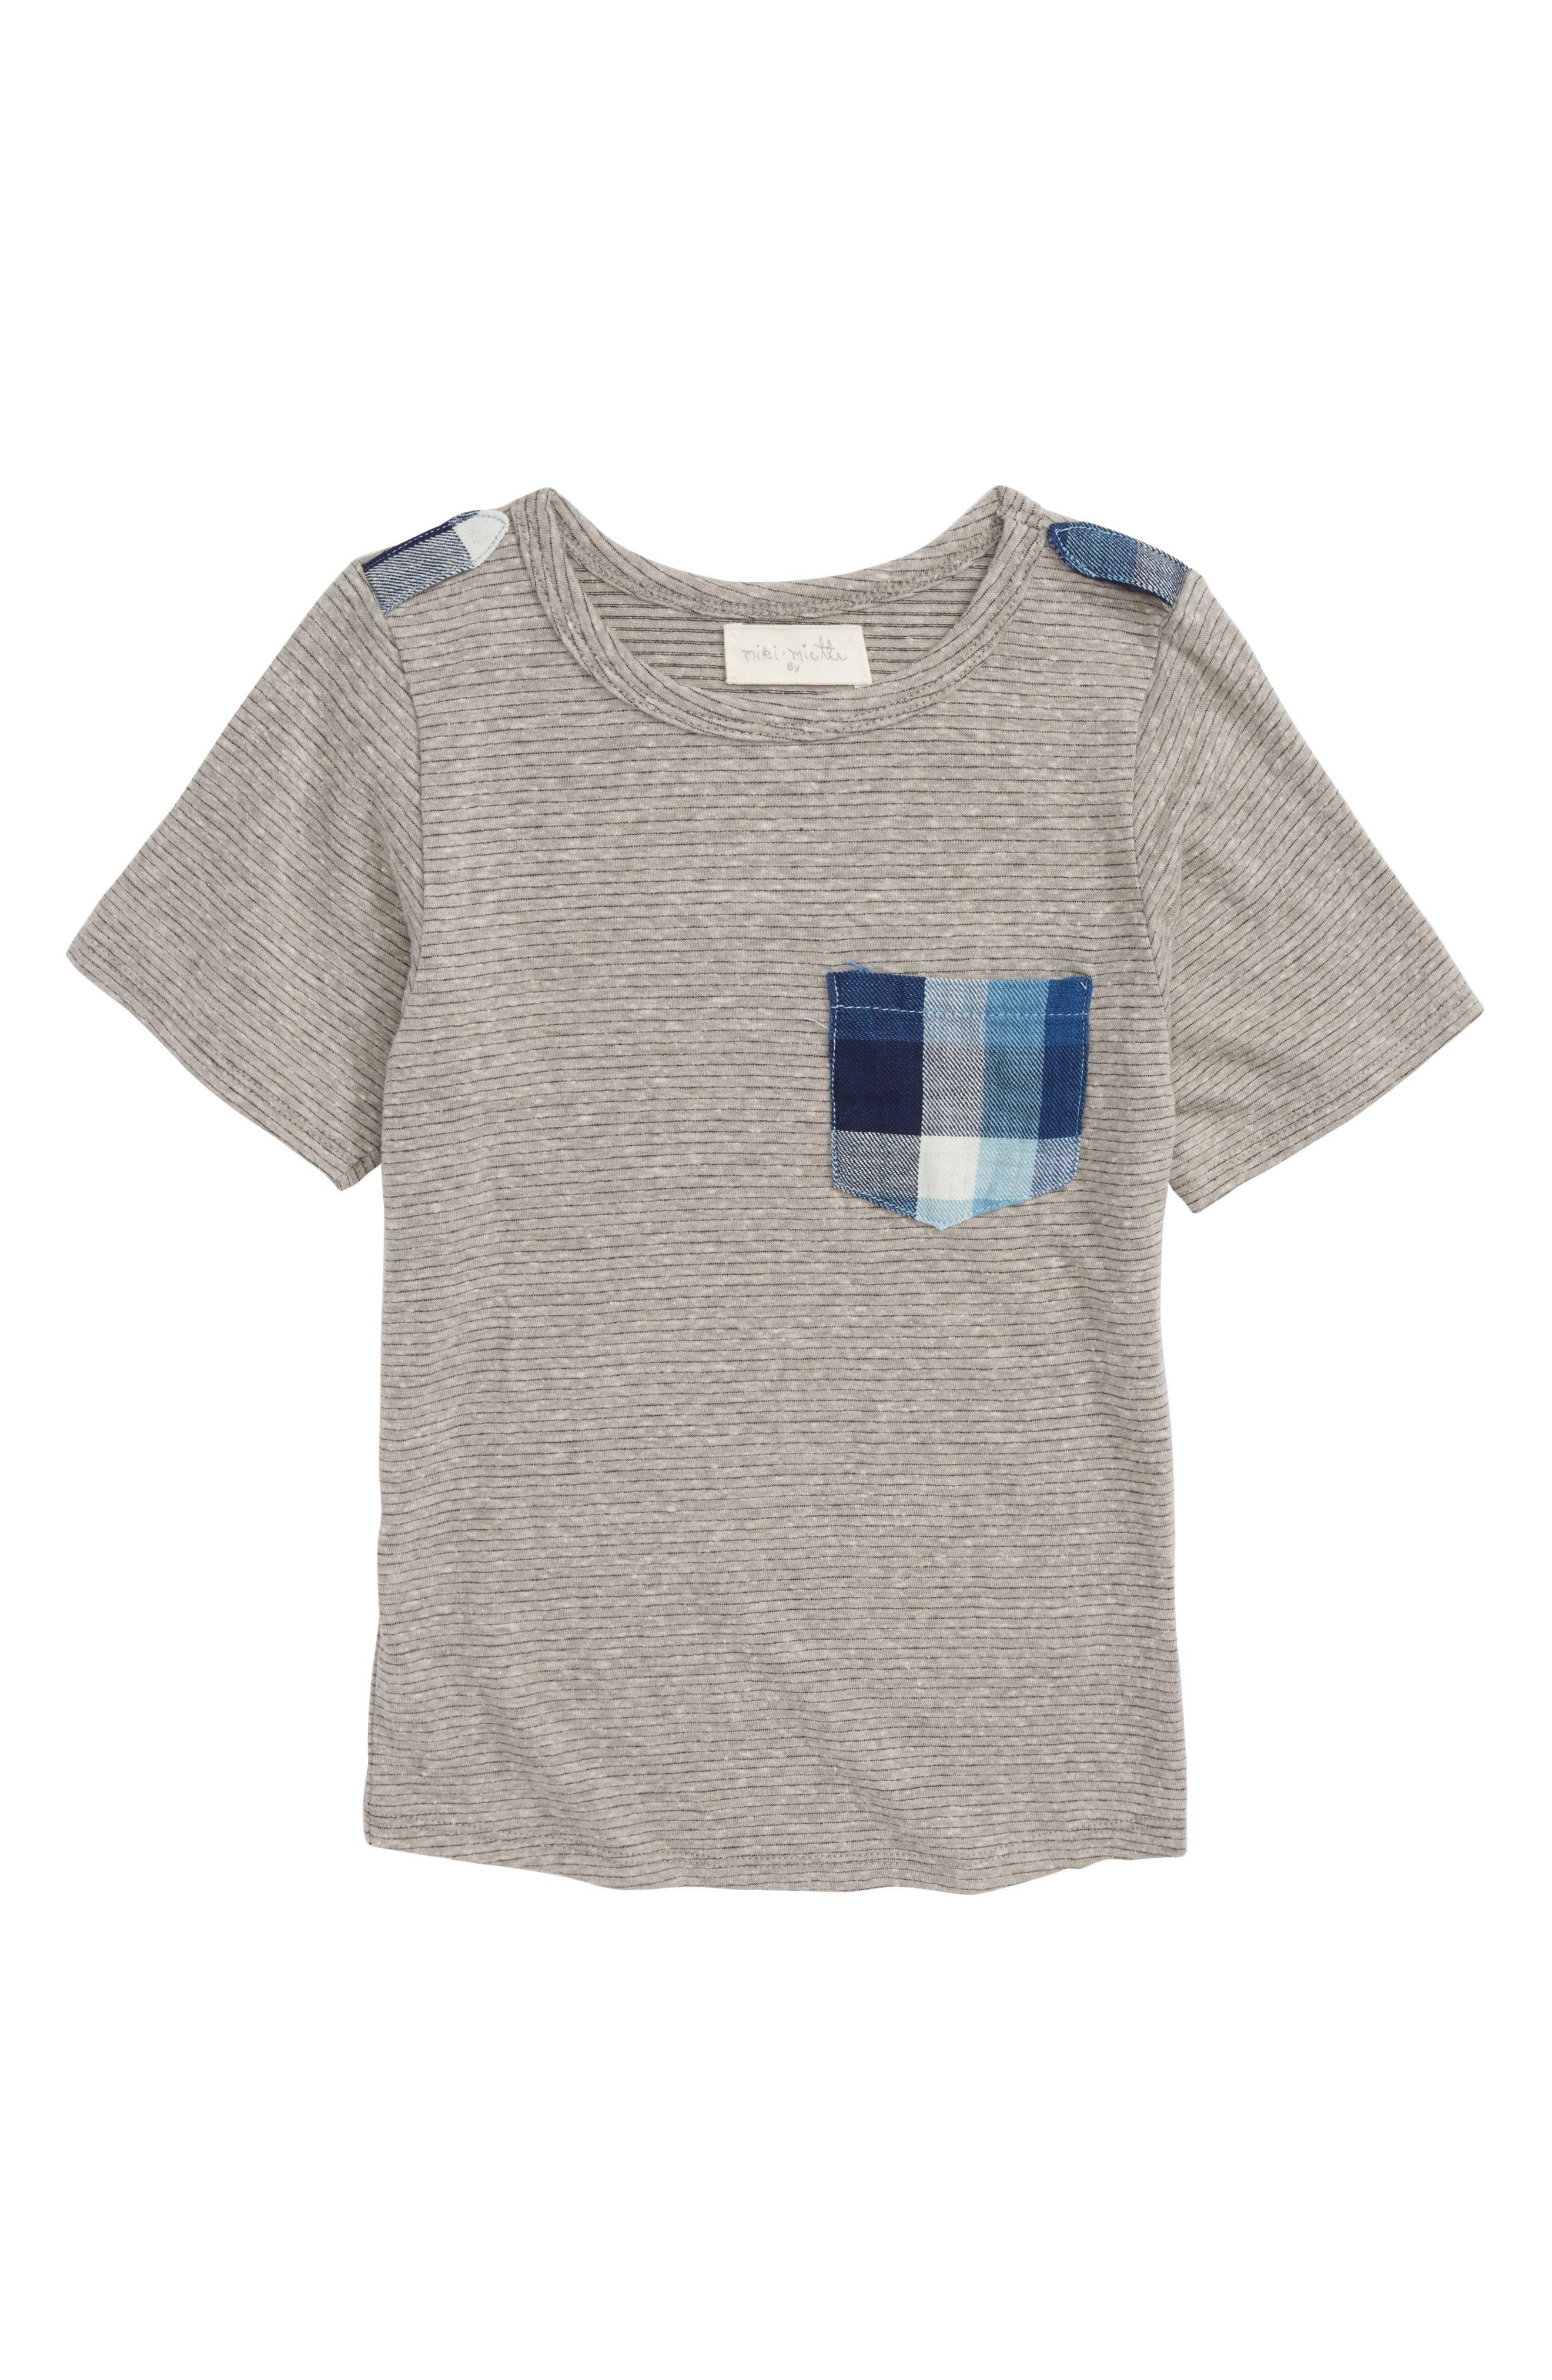 Ranger Pocket T-Shirt,                         Main,                         color, La Jolla